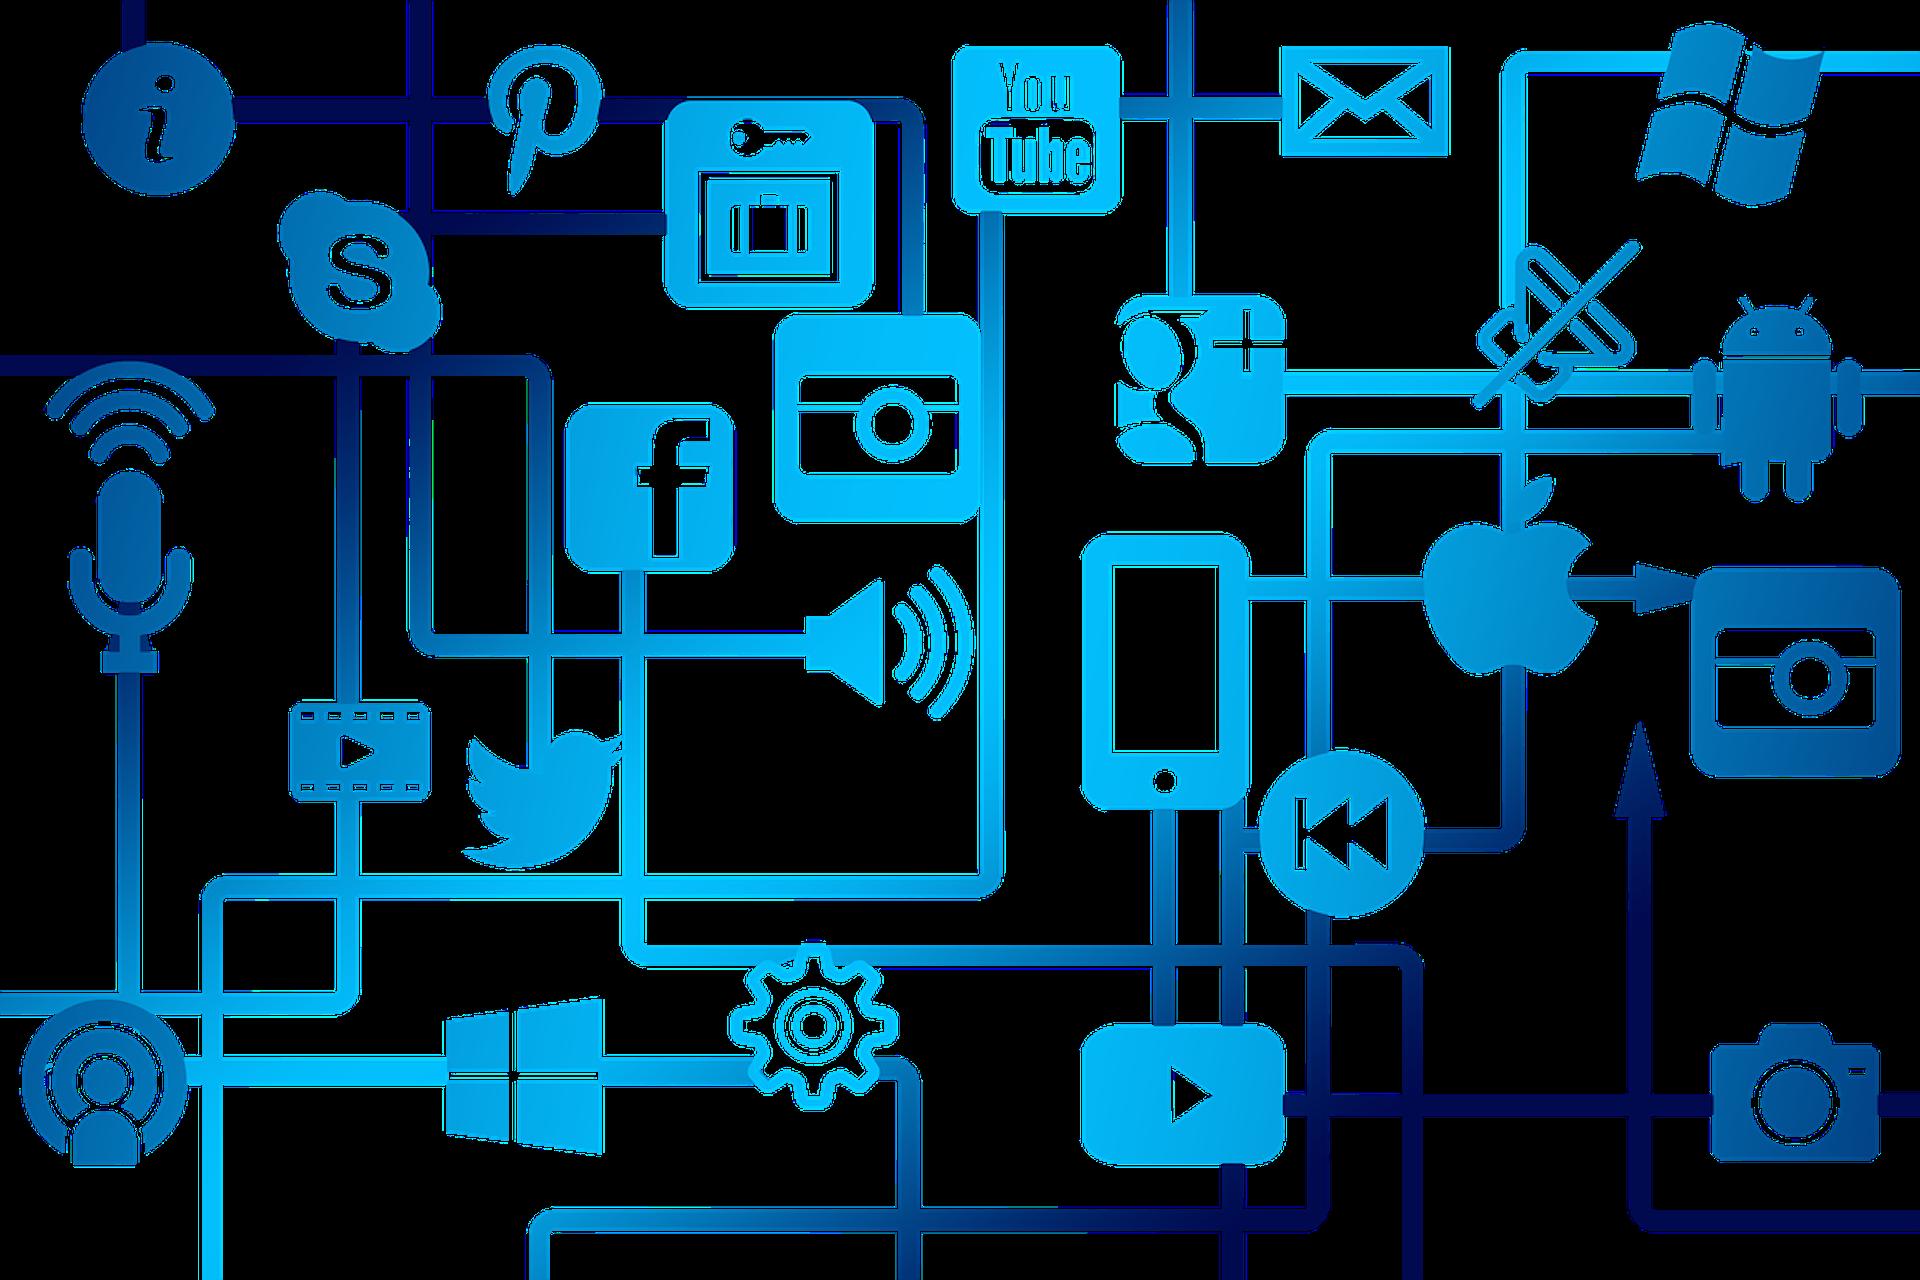 ¡Repórtate ahora! Guía completa para hacer un reporte de social media profesional